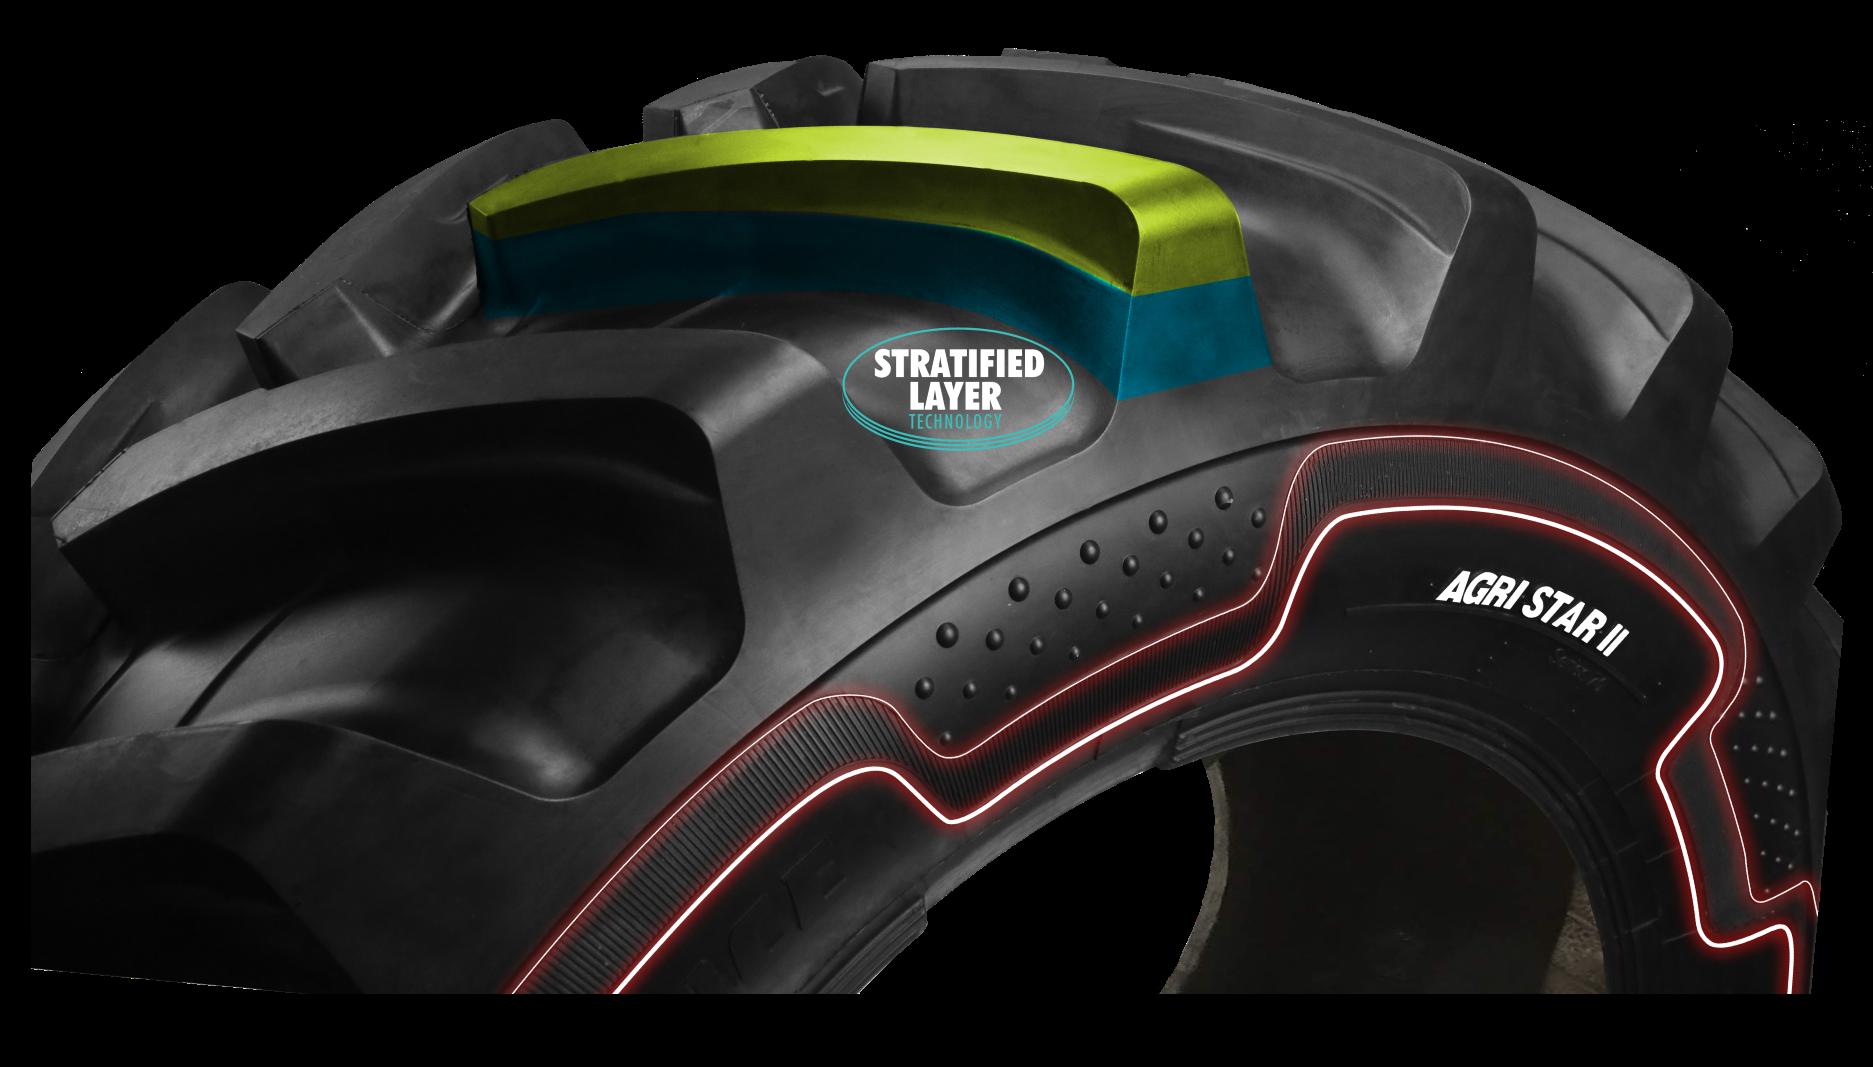 AGRI STAR II: Alliance lanzará el nuevo neumático para tractor en FIMA 2020 - 0